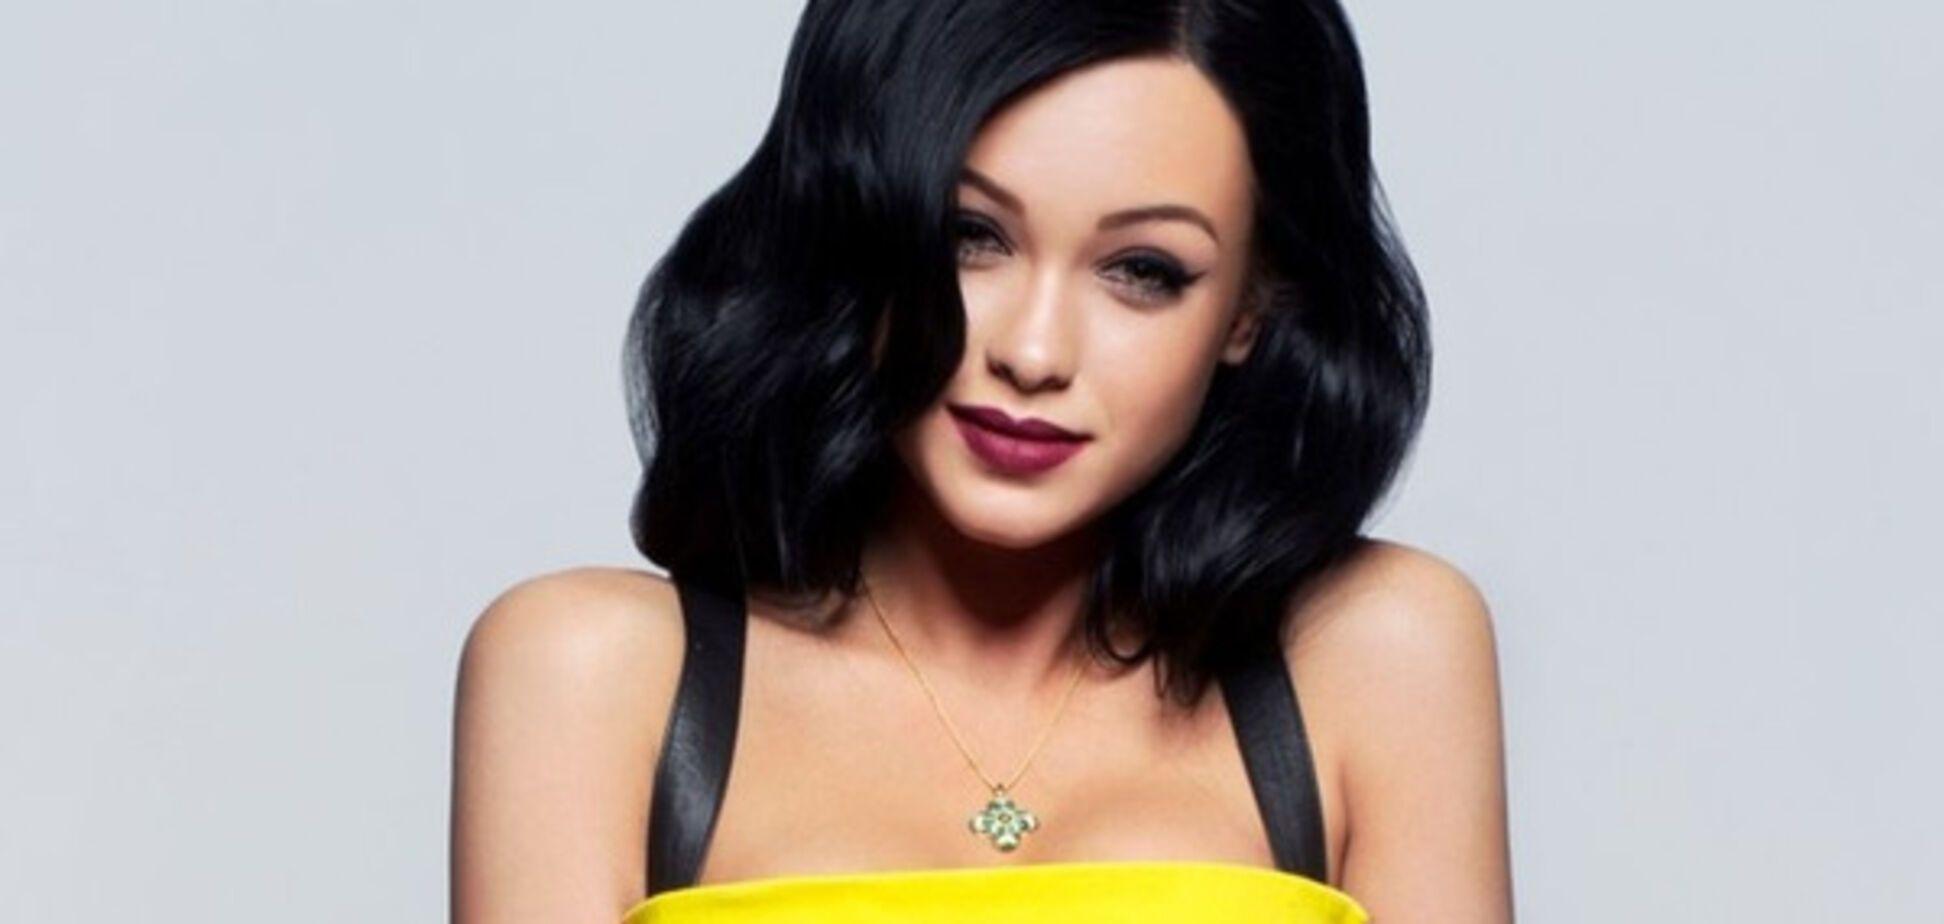 Українська співачка чесно розповіла про пластичні операції